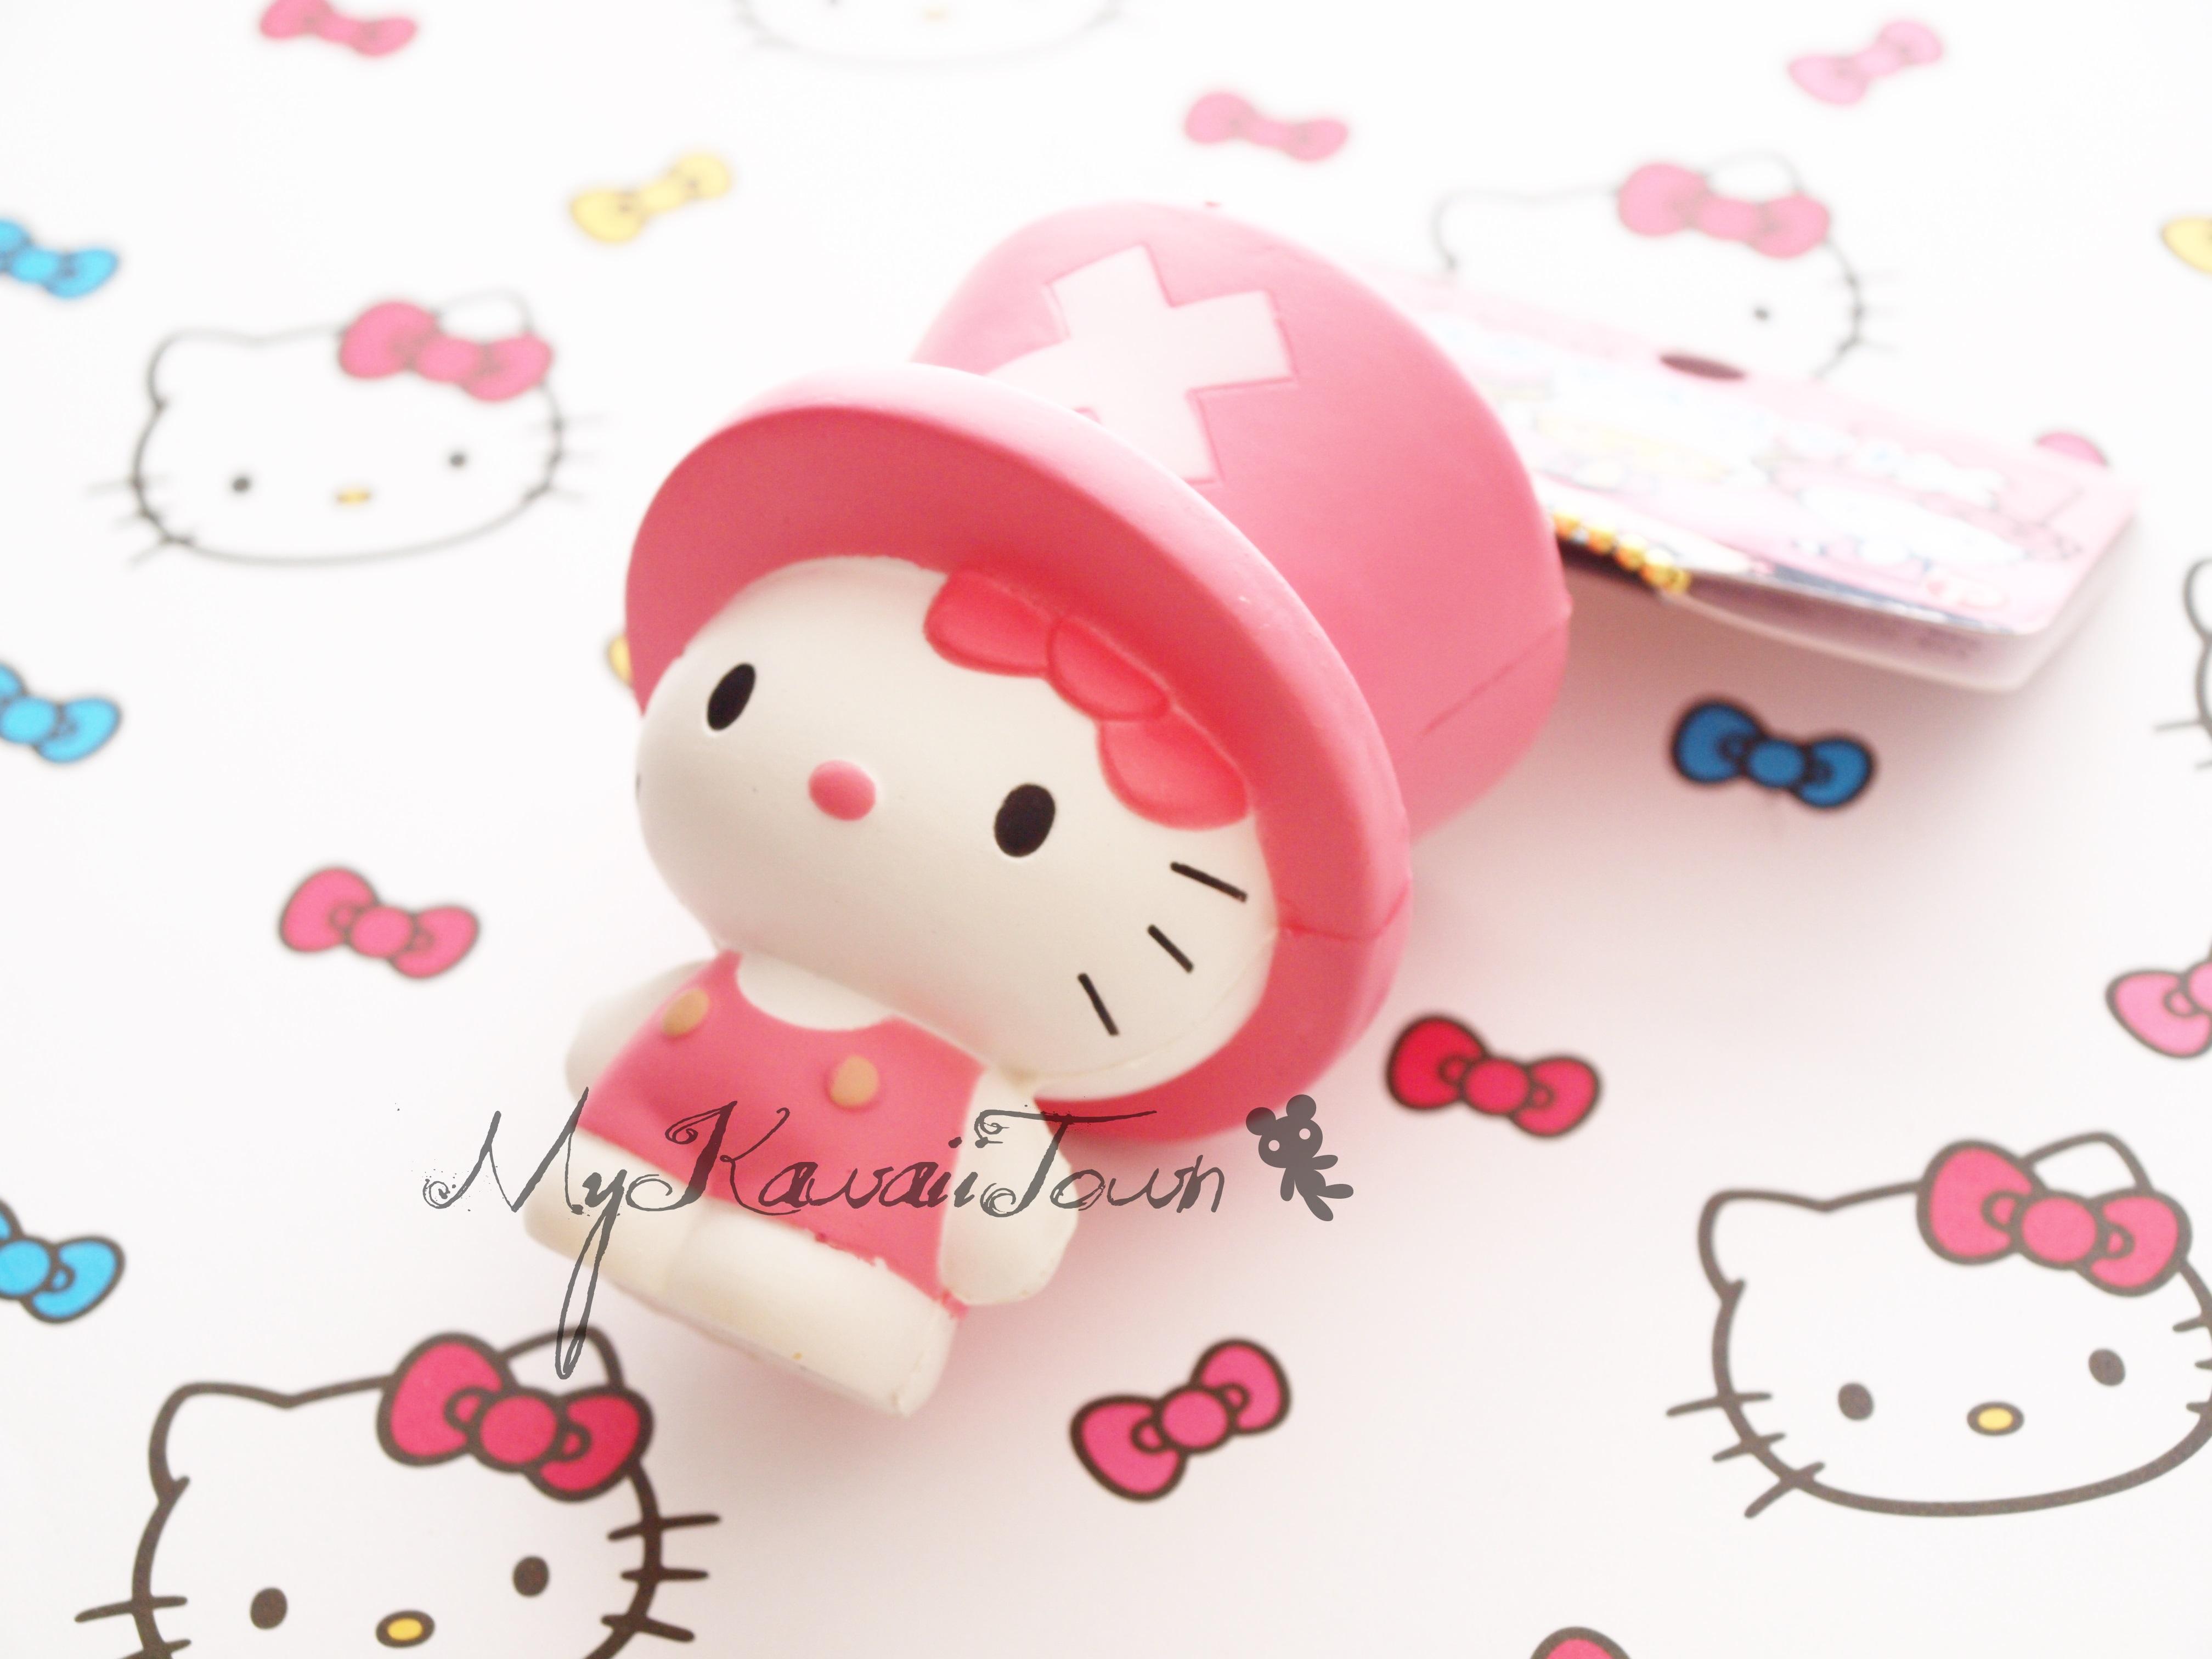 Squishy Sanrio Rare : Mykawaiitown SUPER RARE Squishy Hello Kitty In Chopper Costume Online Store Powered by Storenvy